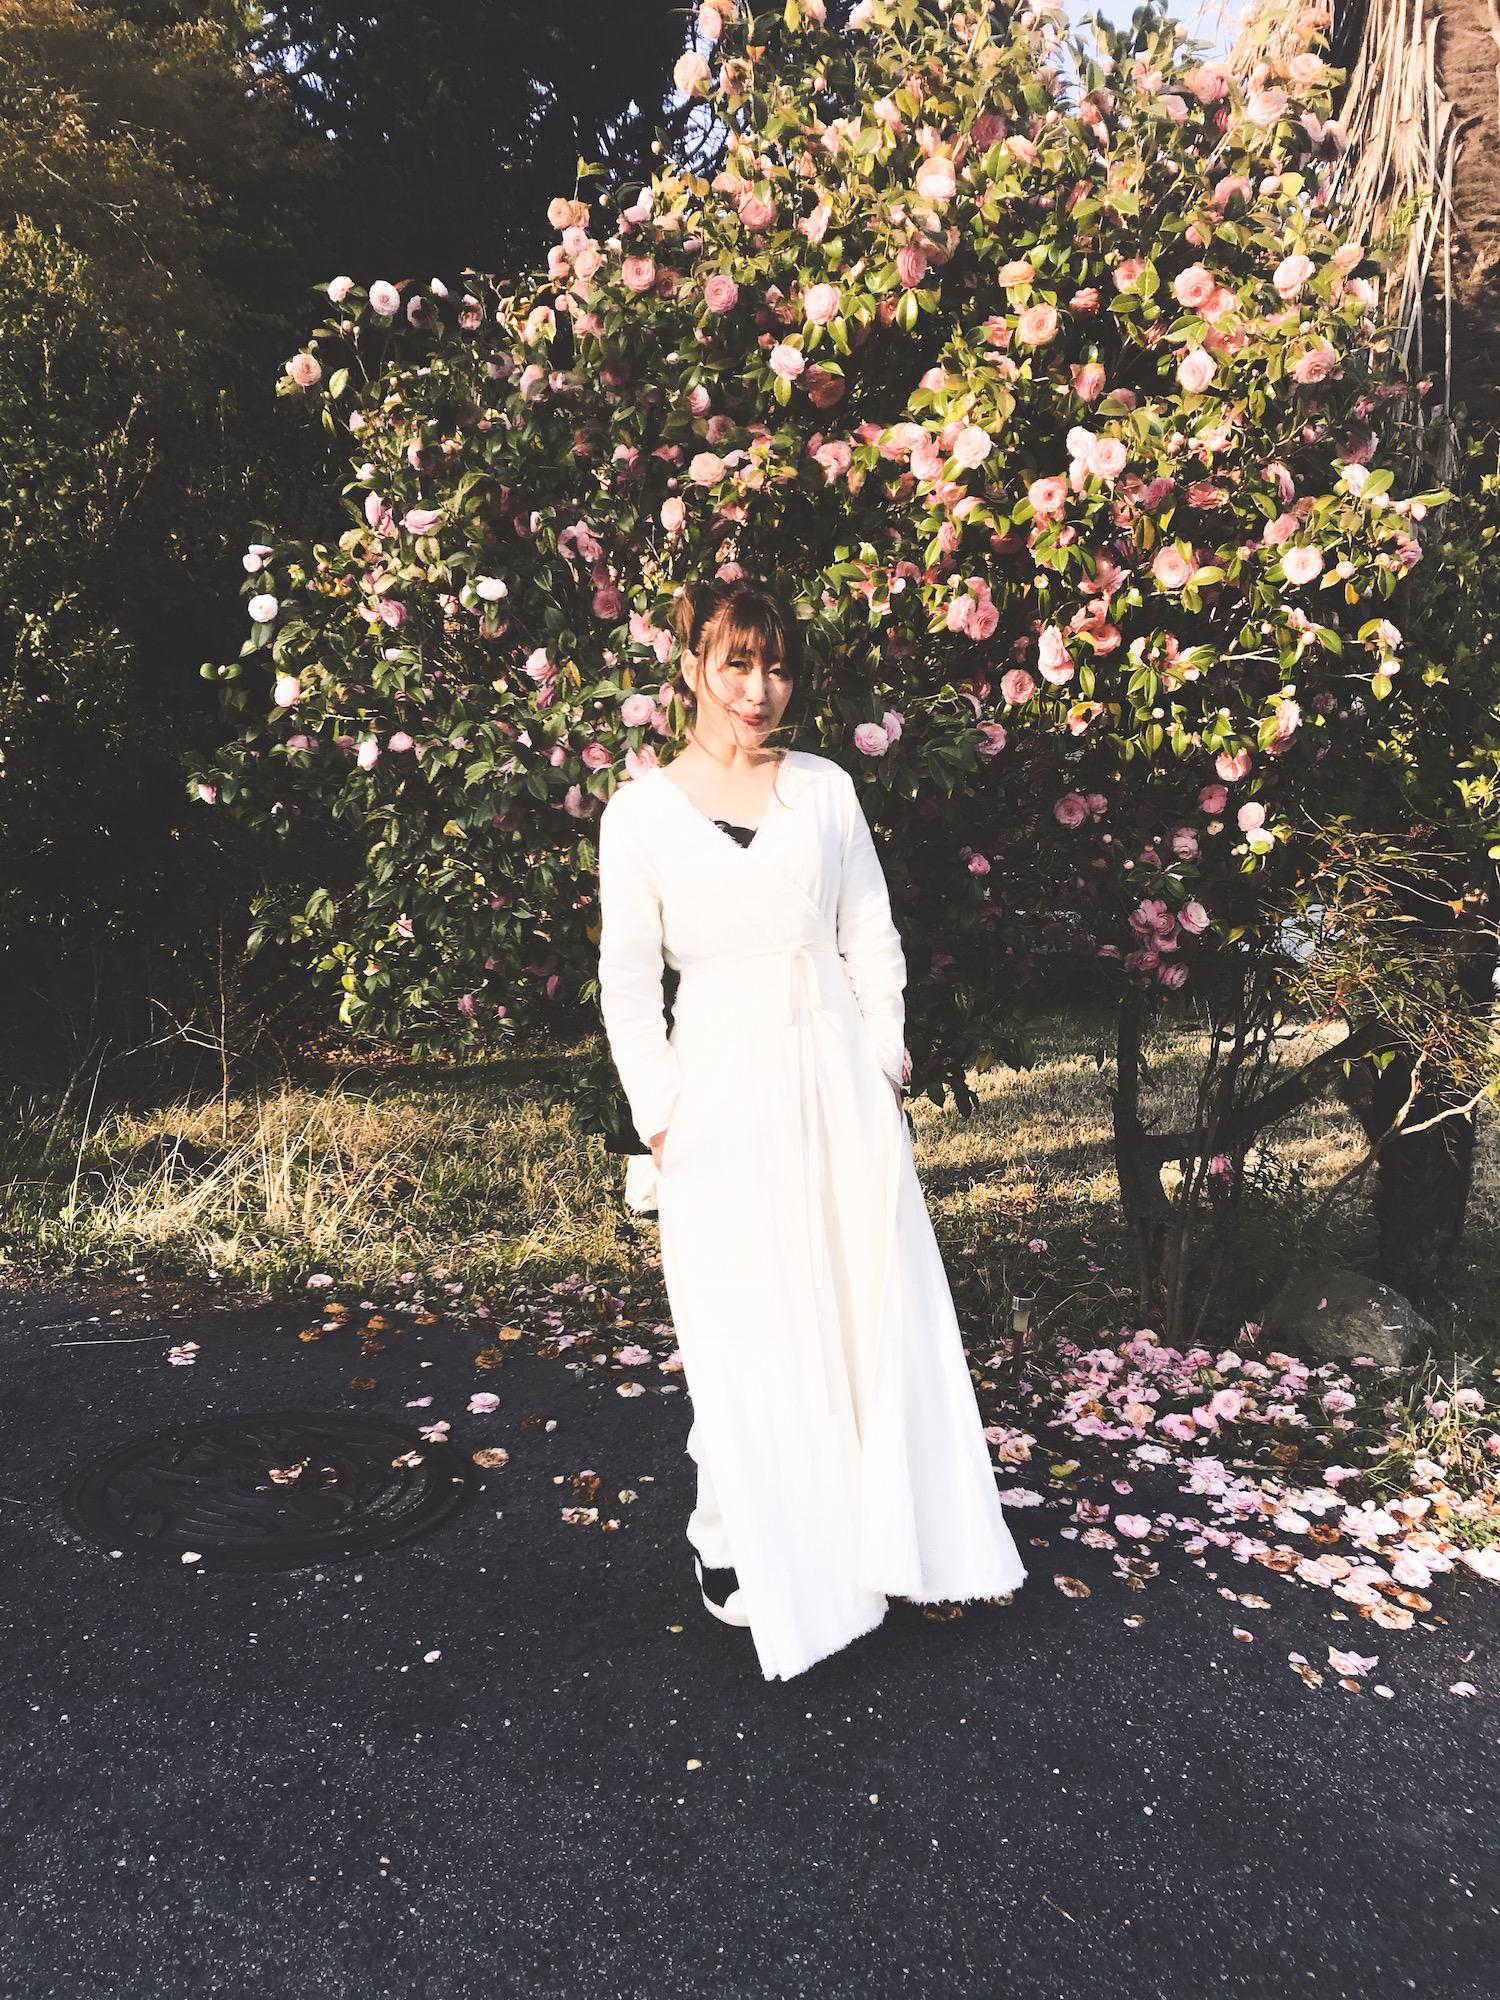 坂本美雨 / Miu Sakamoto:ミュージシャン  青森生まれ、東京とニューヨーク育ち。 1997年、Ryuichi Sakamoto feat. Sister M名義でデビュー。最新アルバムは「Sing with me Ⅱ」。おおはた雄一とのユニット「おお雨」としても活動。近年はharuka nakamura、FOLKLOREとの共演を重ねる。 ナレーションや執筆活動、JFN系列全国ネットのラジオ「坂本美雨のディアフレンズ」のパーソナリティなど活動は多岐にわたる。 大の愛猫家、一児の母。   Instagram :  @miu_sakamoto